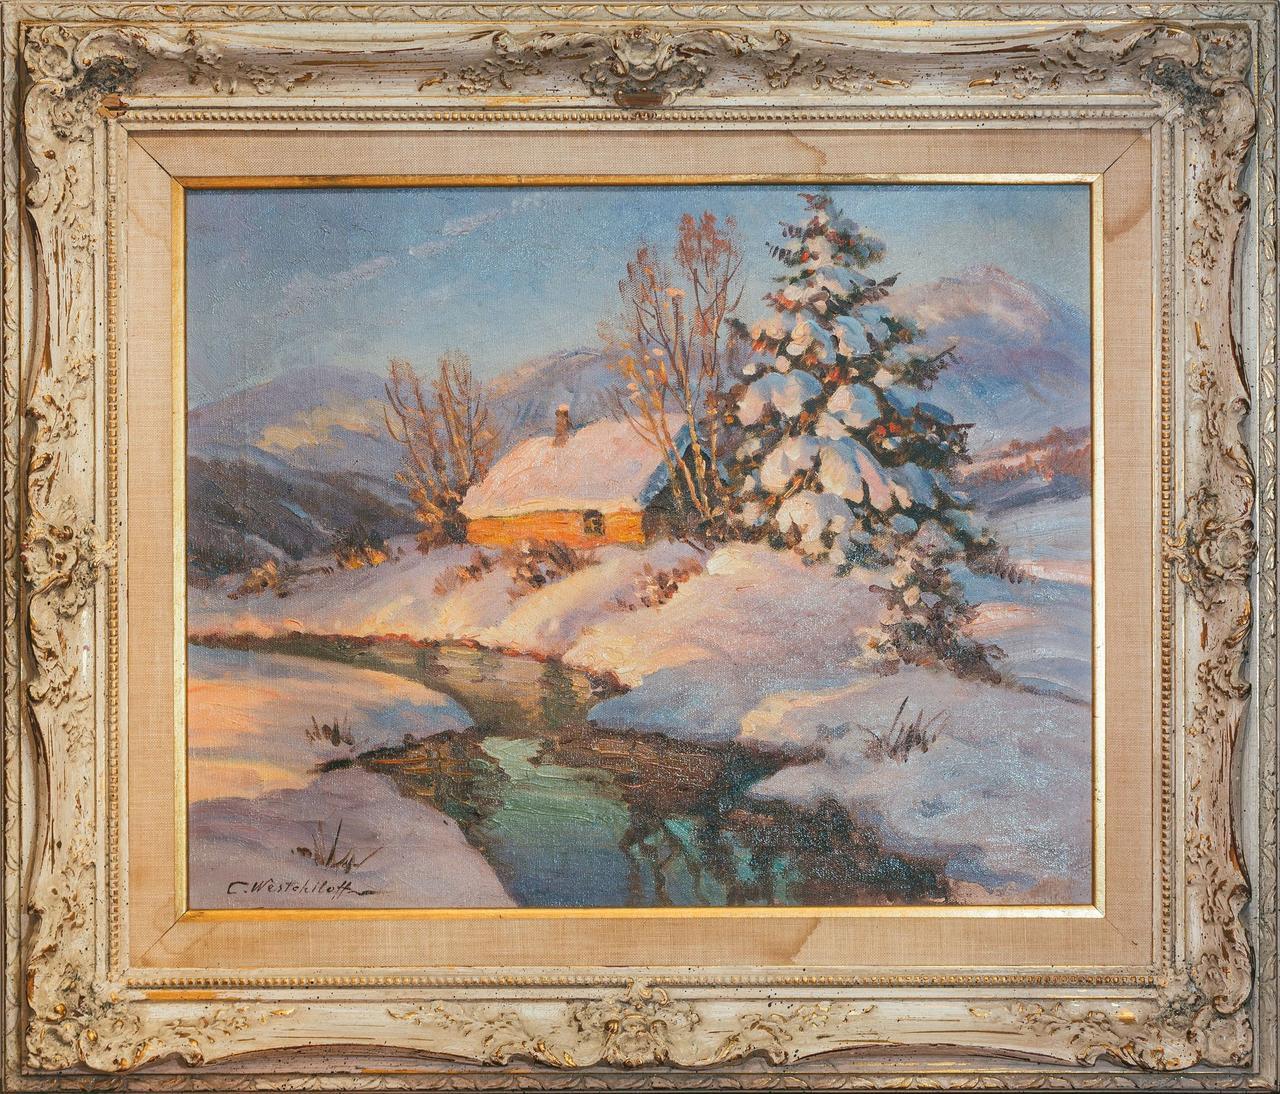 Картина Тане сніг худ. К. А. Вещилов 1-я третина ХХ століття